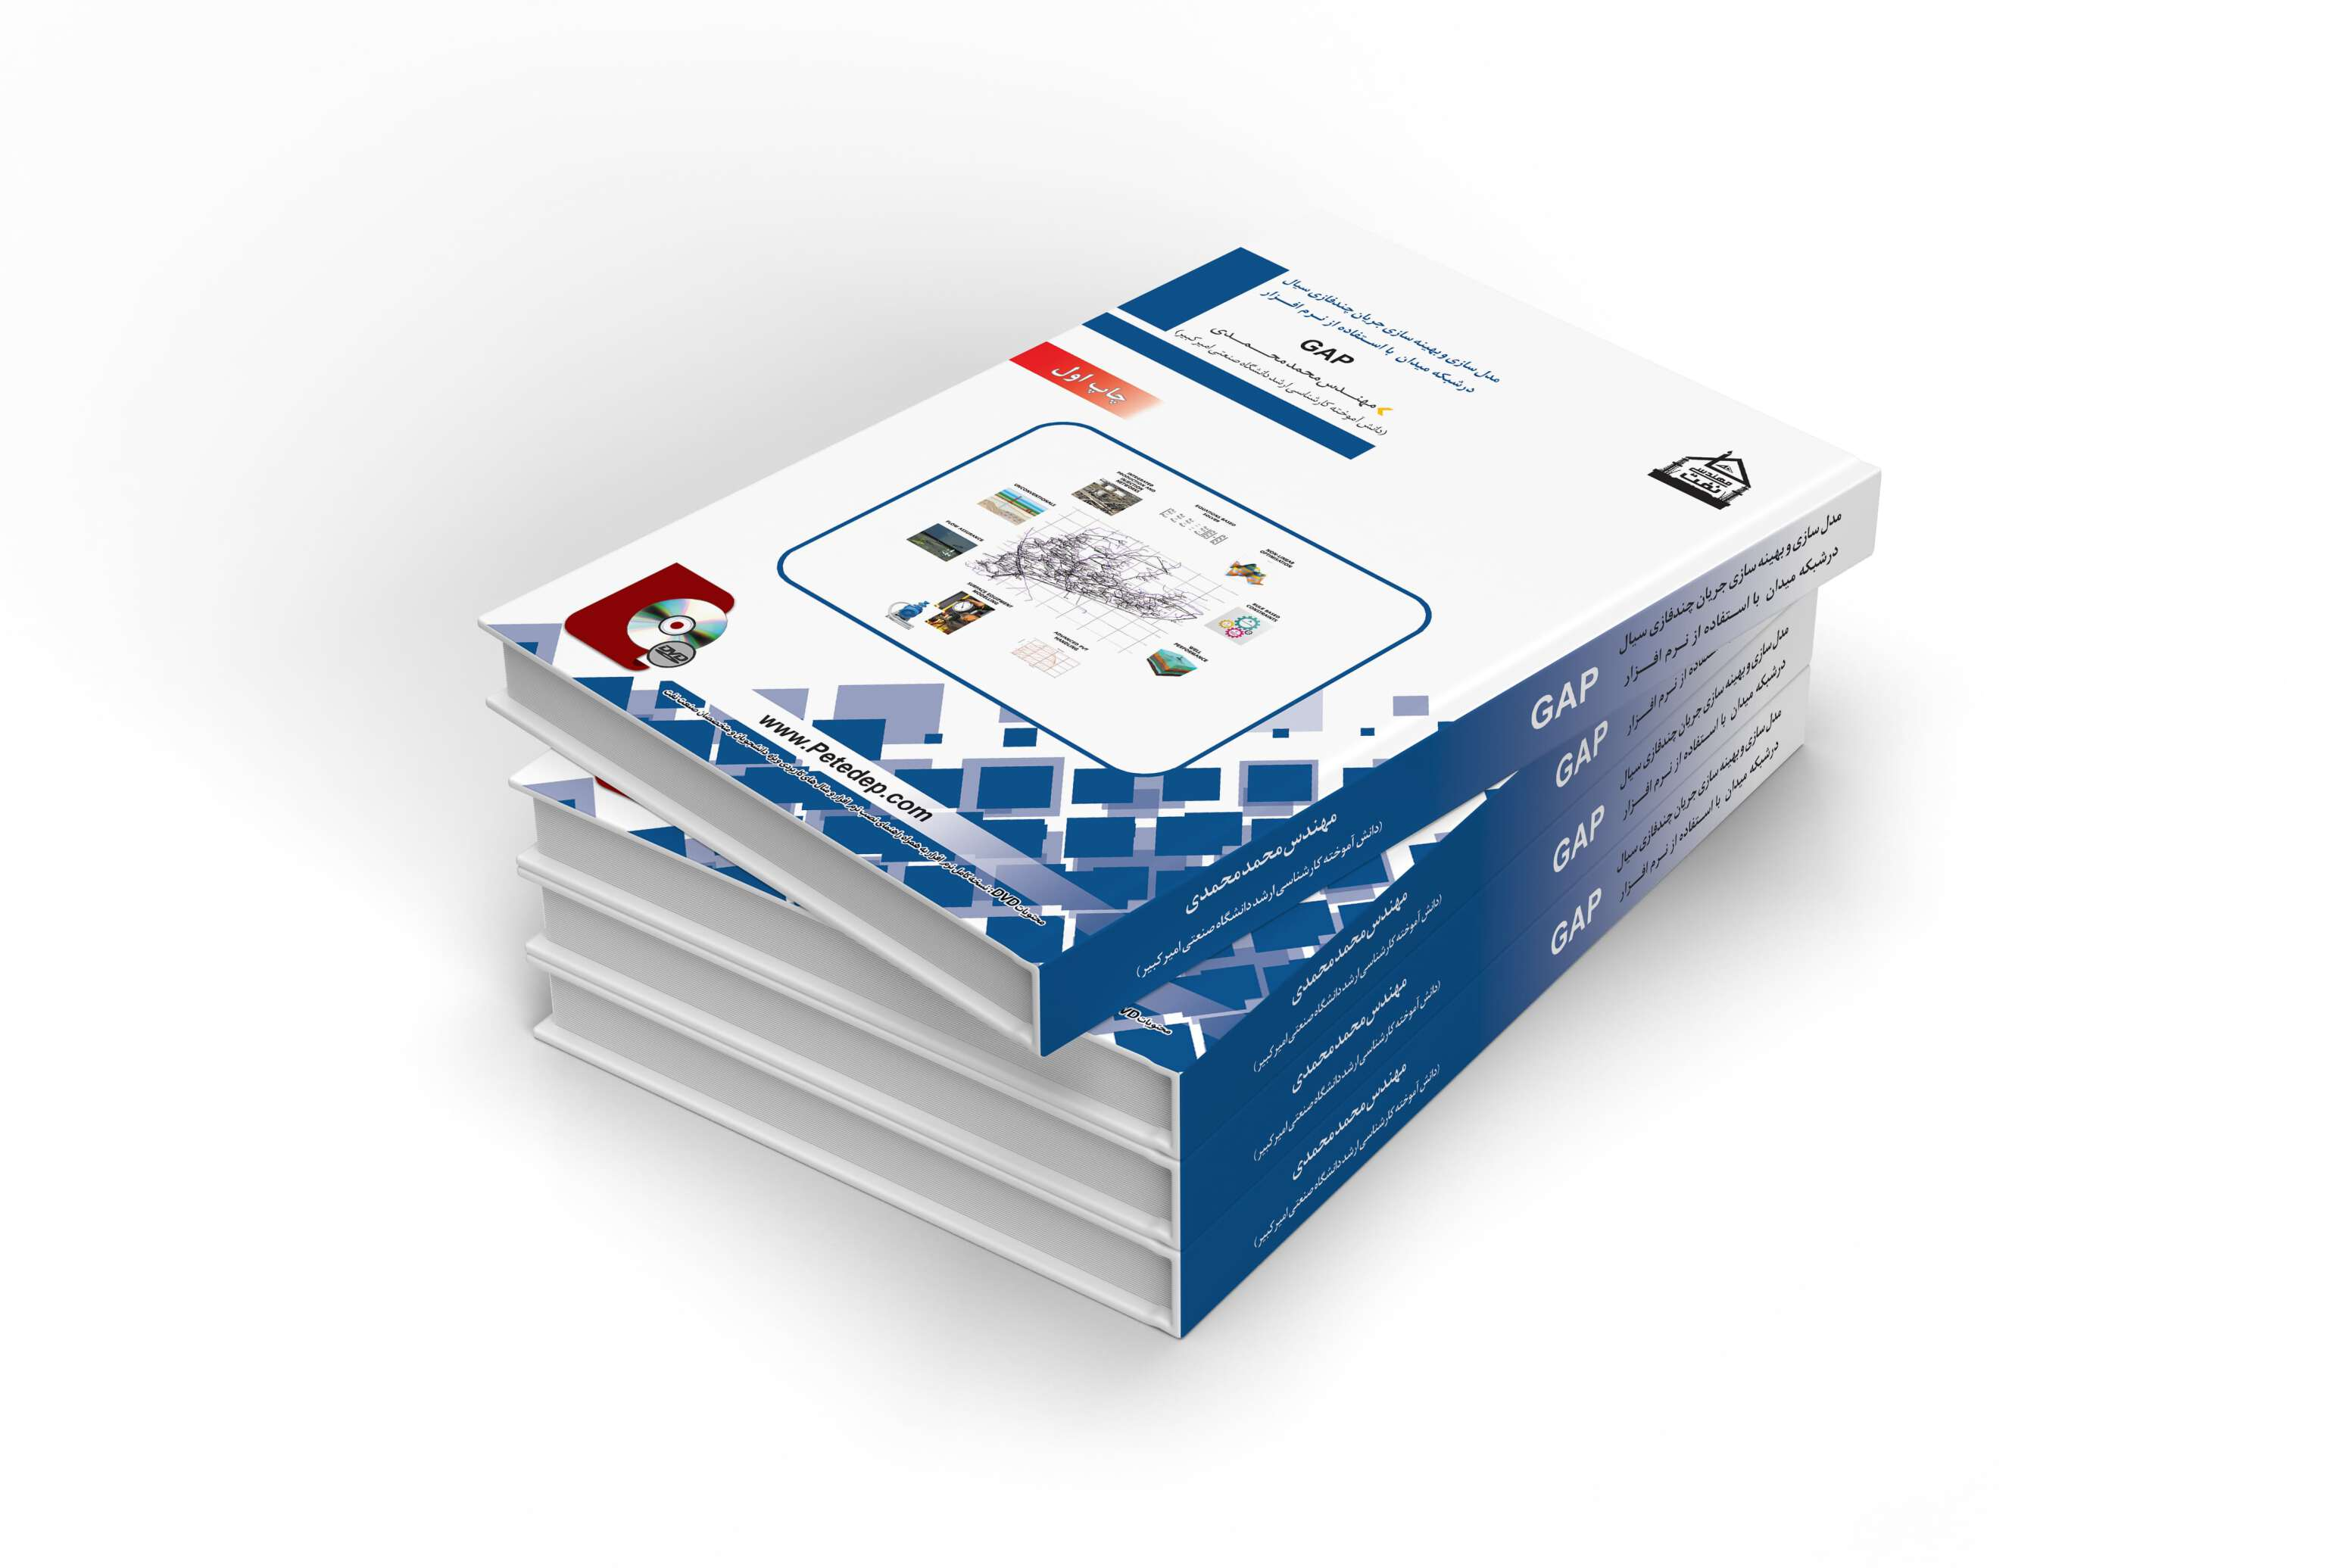 کتاب مرجع کاربردی نرم افزار IPM